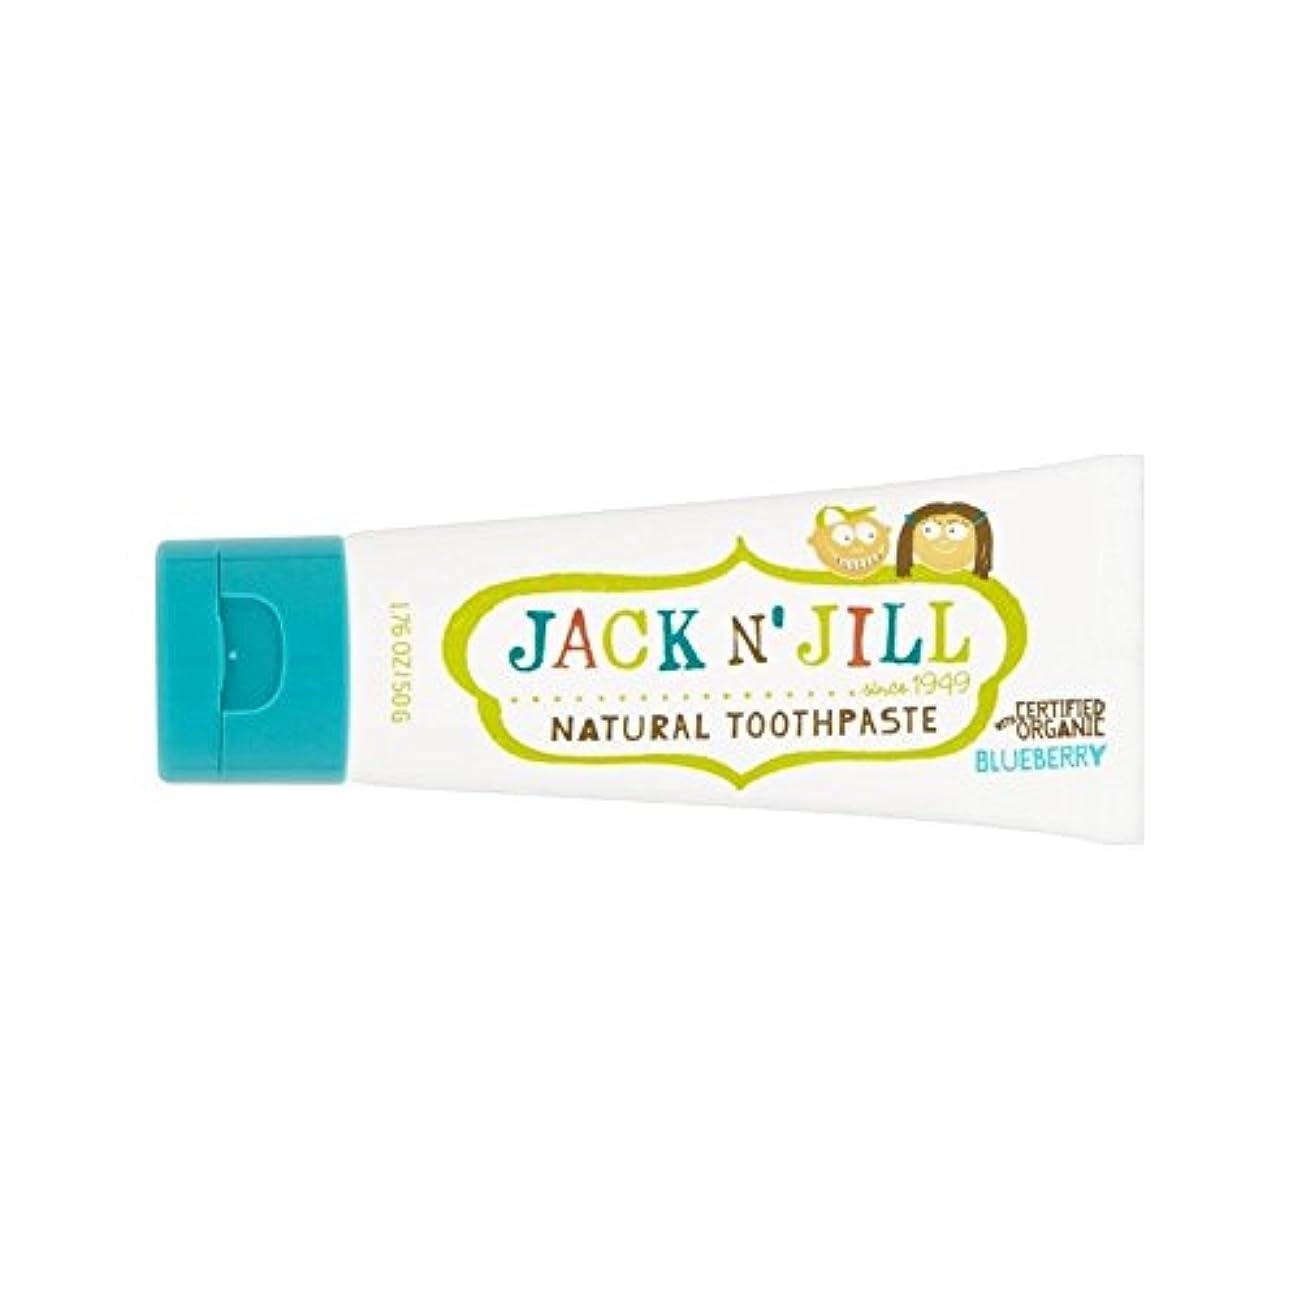 チャンピオン誓うマリン有機香味50グラムとの自然なブルーベリー歯磨き粉 (Jack N Jill) - Jack N' Jill Blueberry Toothpaste Natural with Organic Flavouring 50g [並行輸入品]